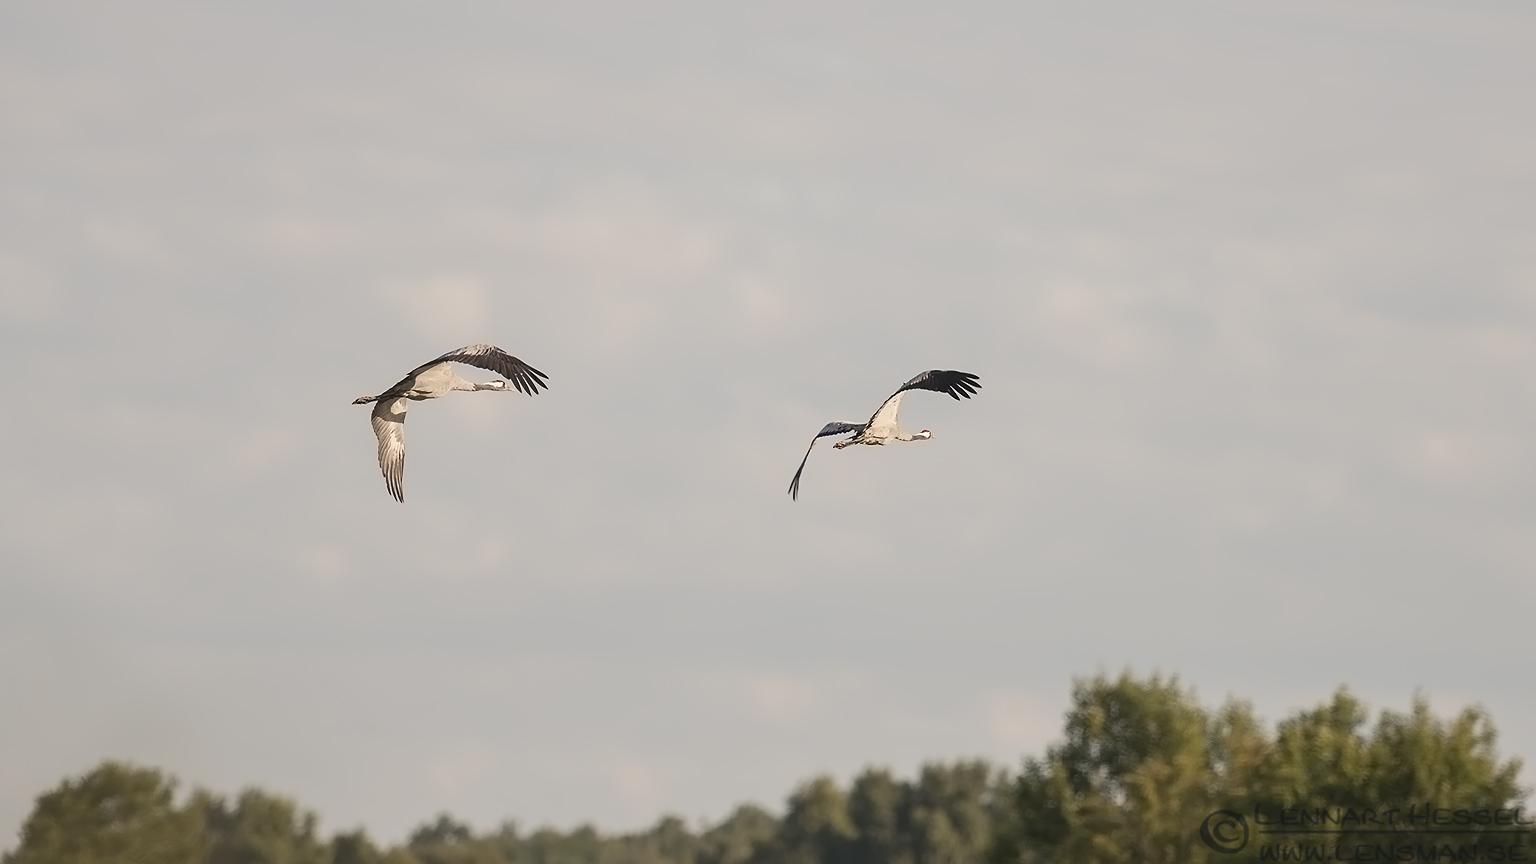 Common Cranes change